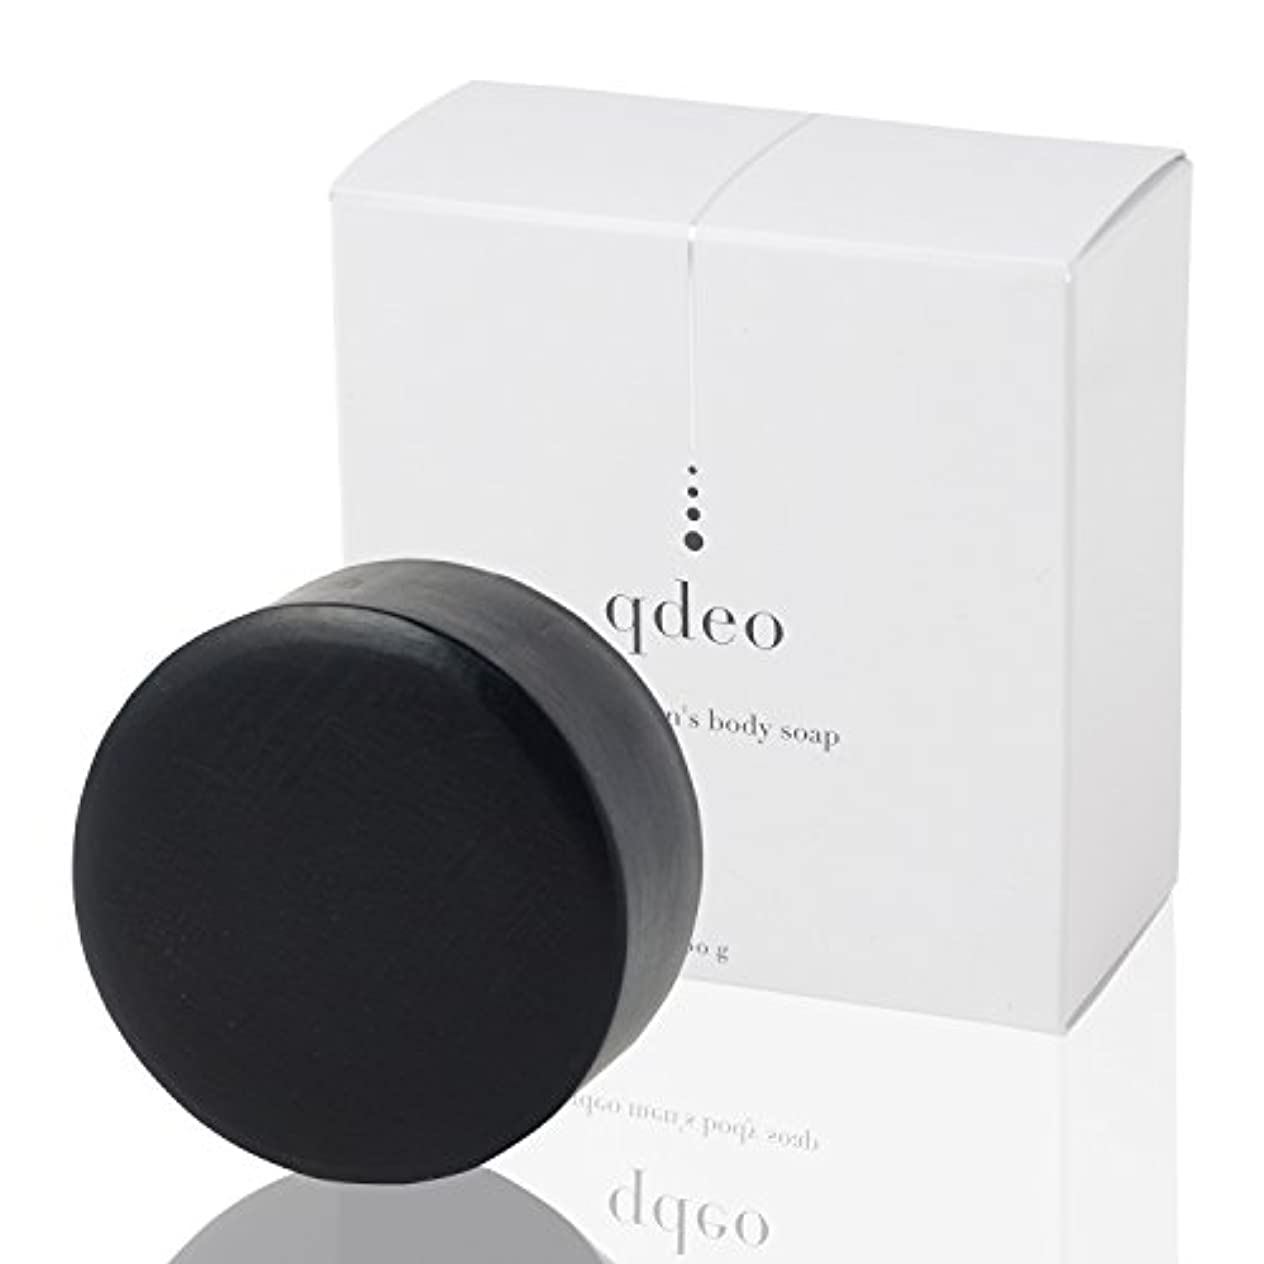 お勧めメイトクールクデオ メンズ ボディソープ 100g 石鹸 固形 体臭 ワキガ 足の臭い 加齢臭 デリケートゾーン